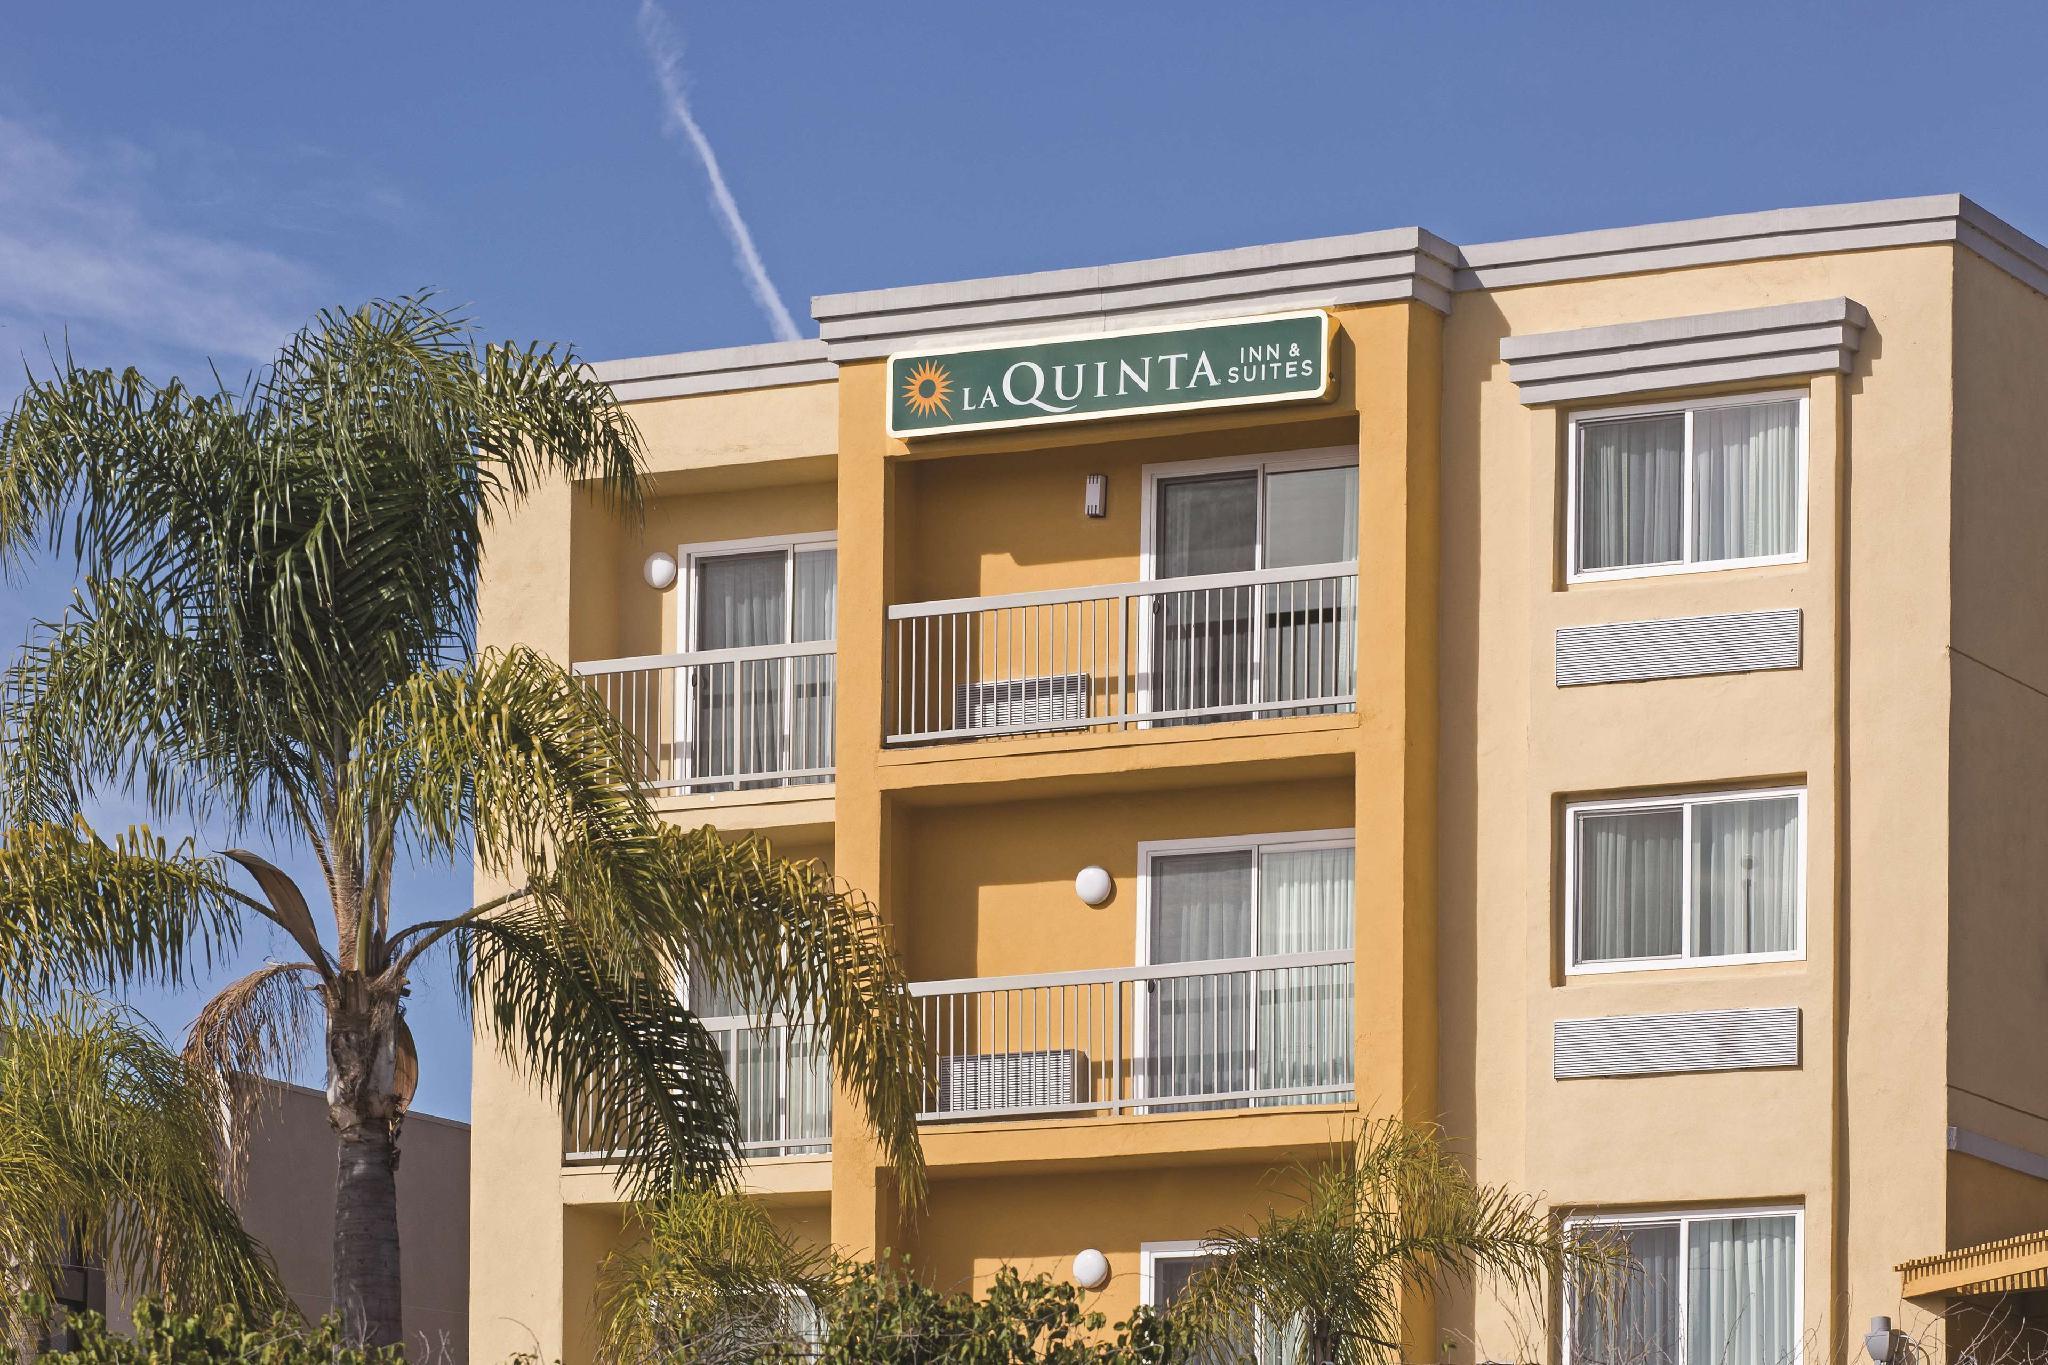 La Quinta Inn And Suites By Wyndham San Diego Mission Bay